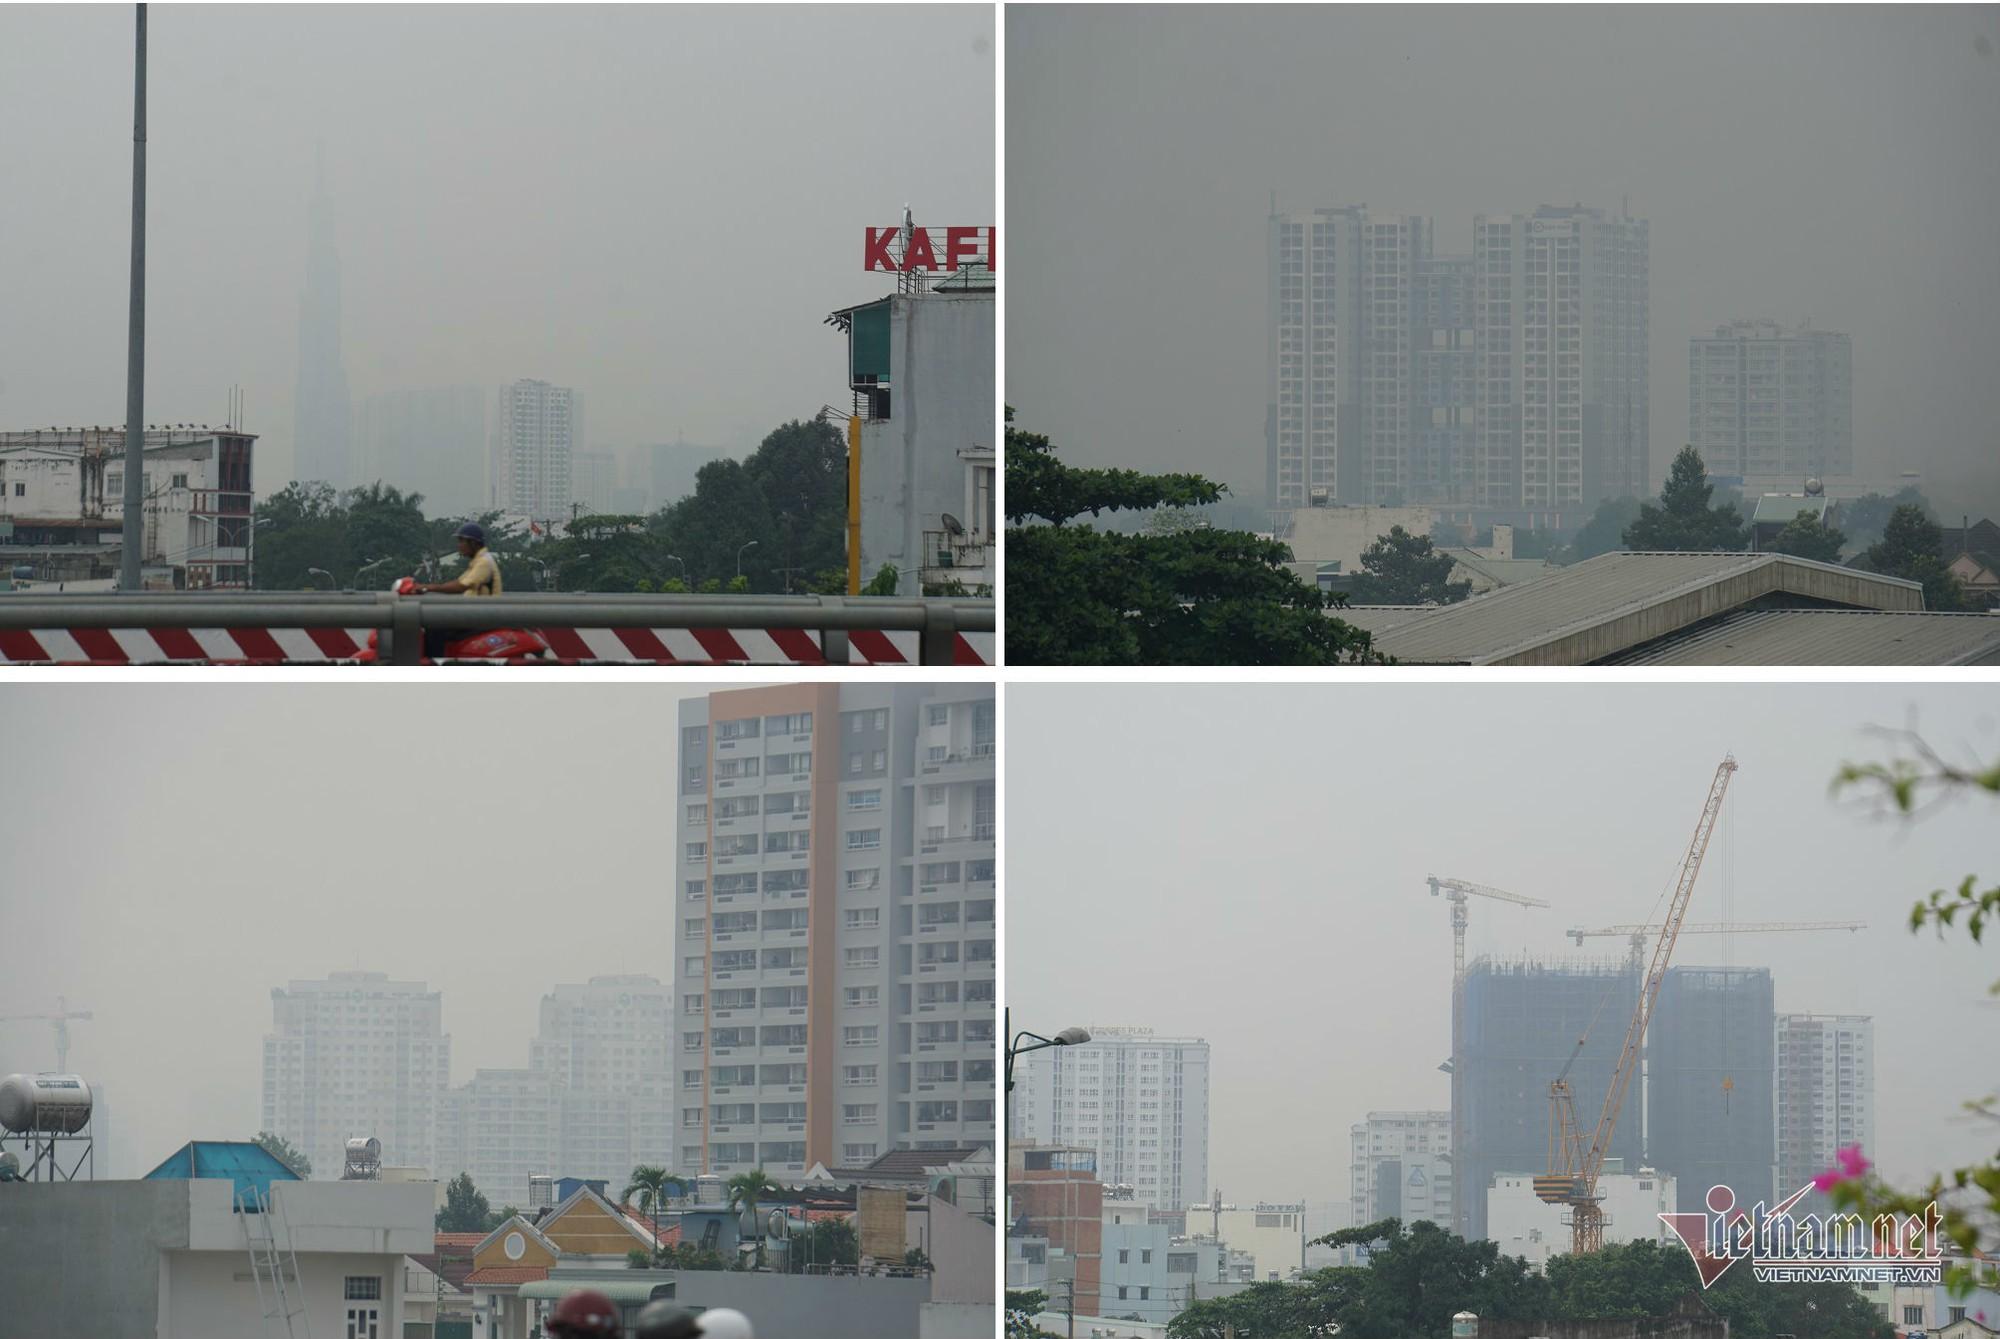 Sương mù ở Sài Gòn có thể do ô nhiễm không khí nặng - Ảnh 2.